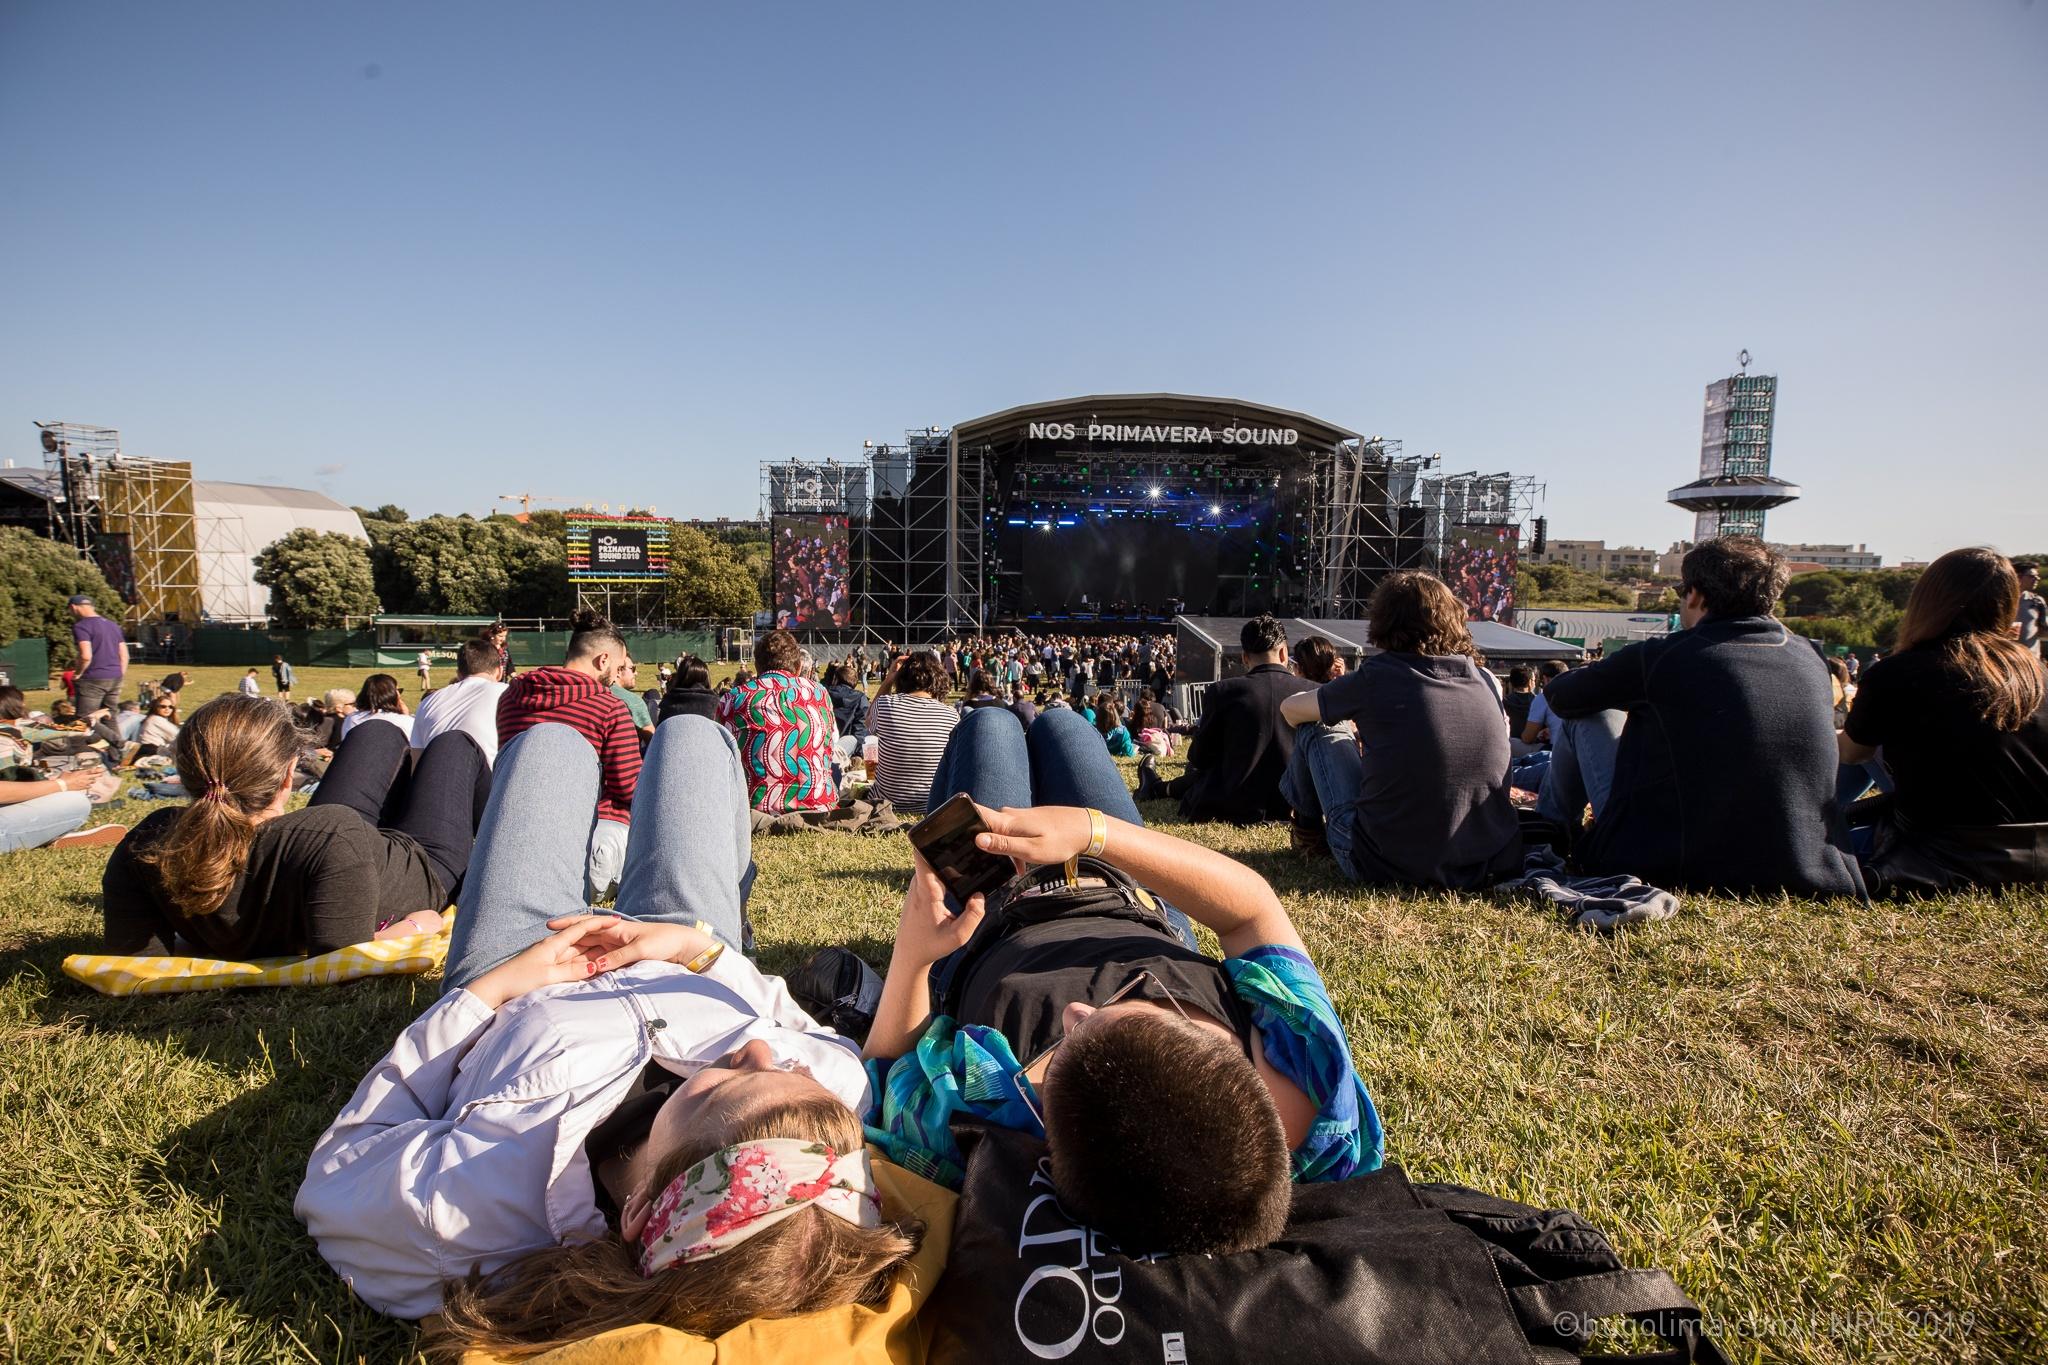 NOS Primavera Sound 2019: um festival memorável em meio a chuva e cancelamentos